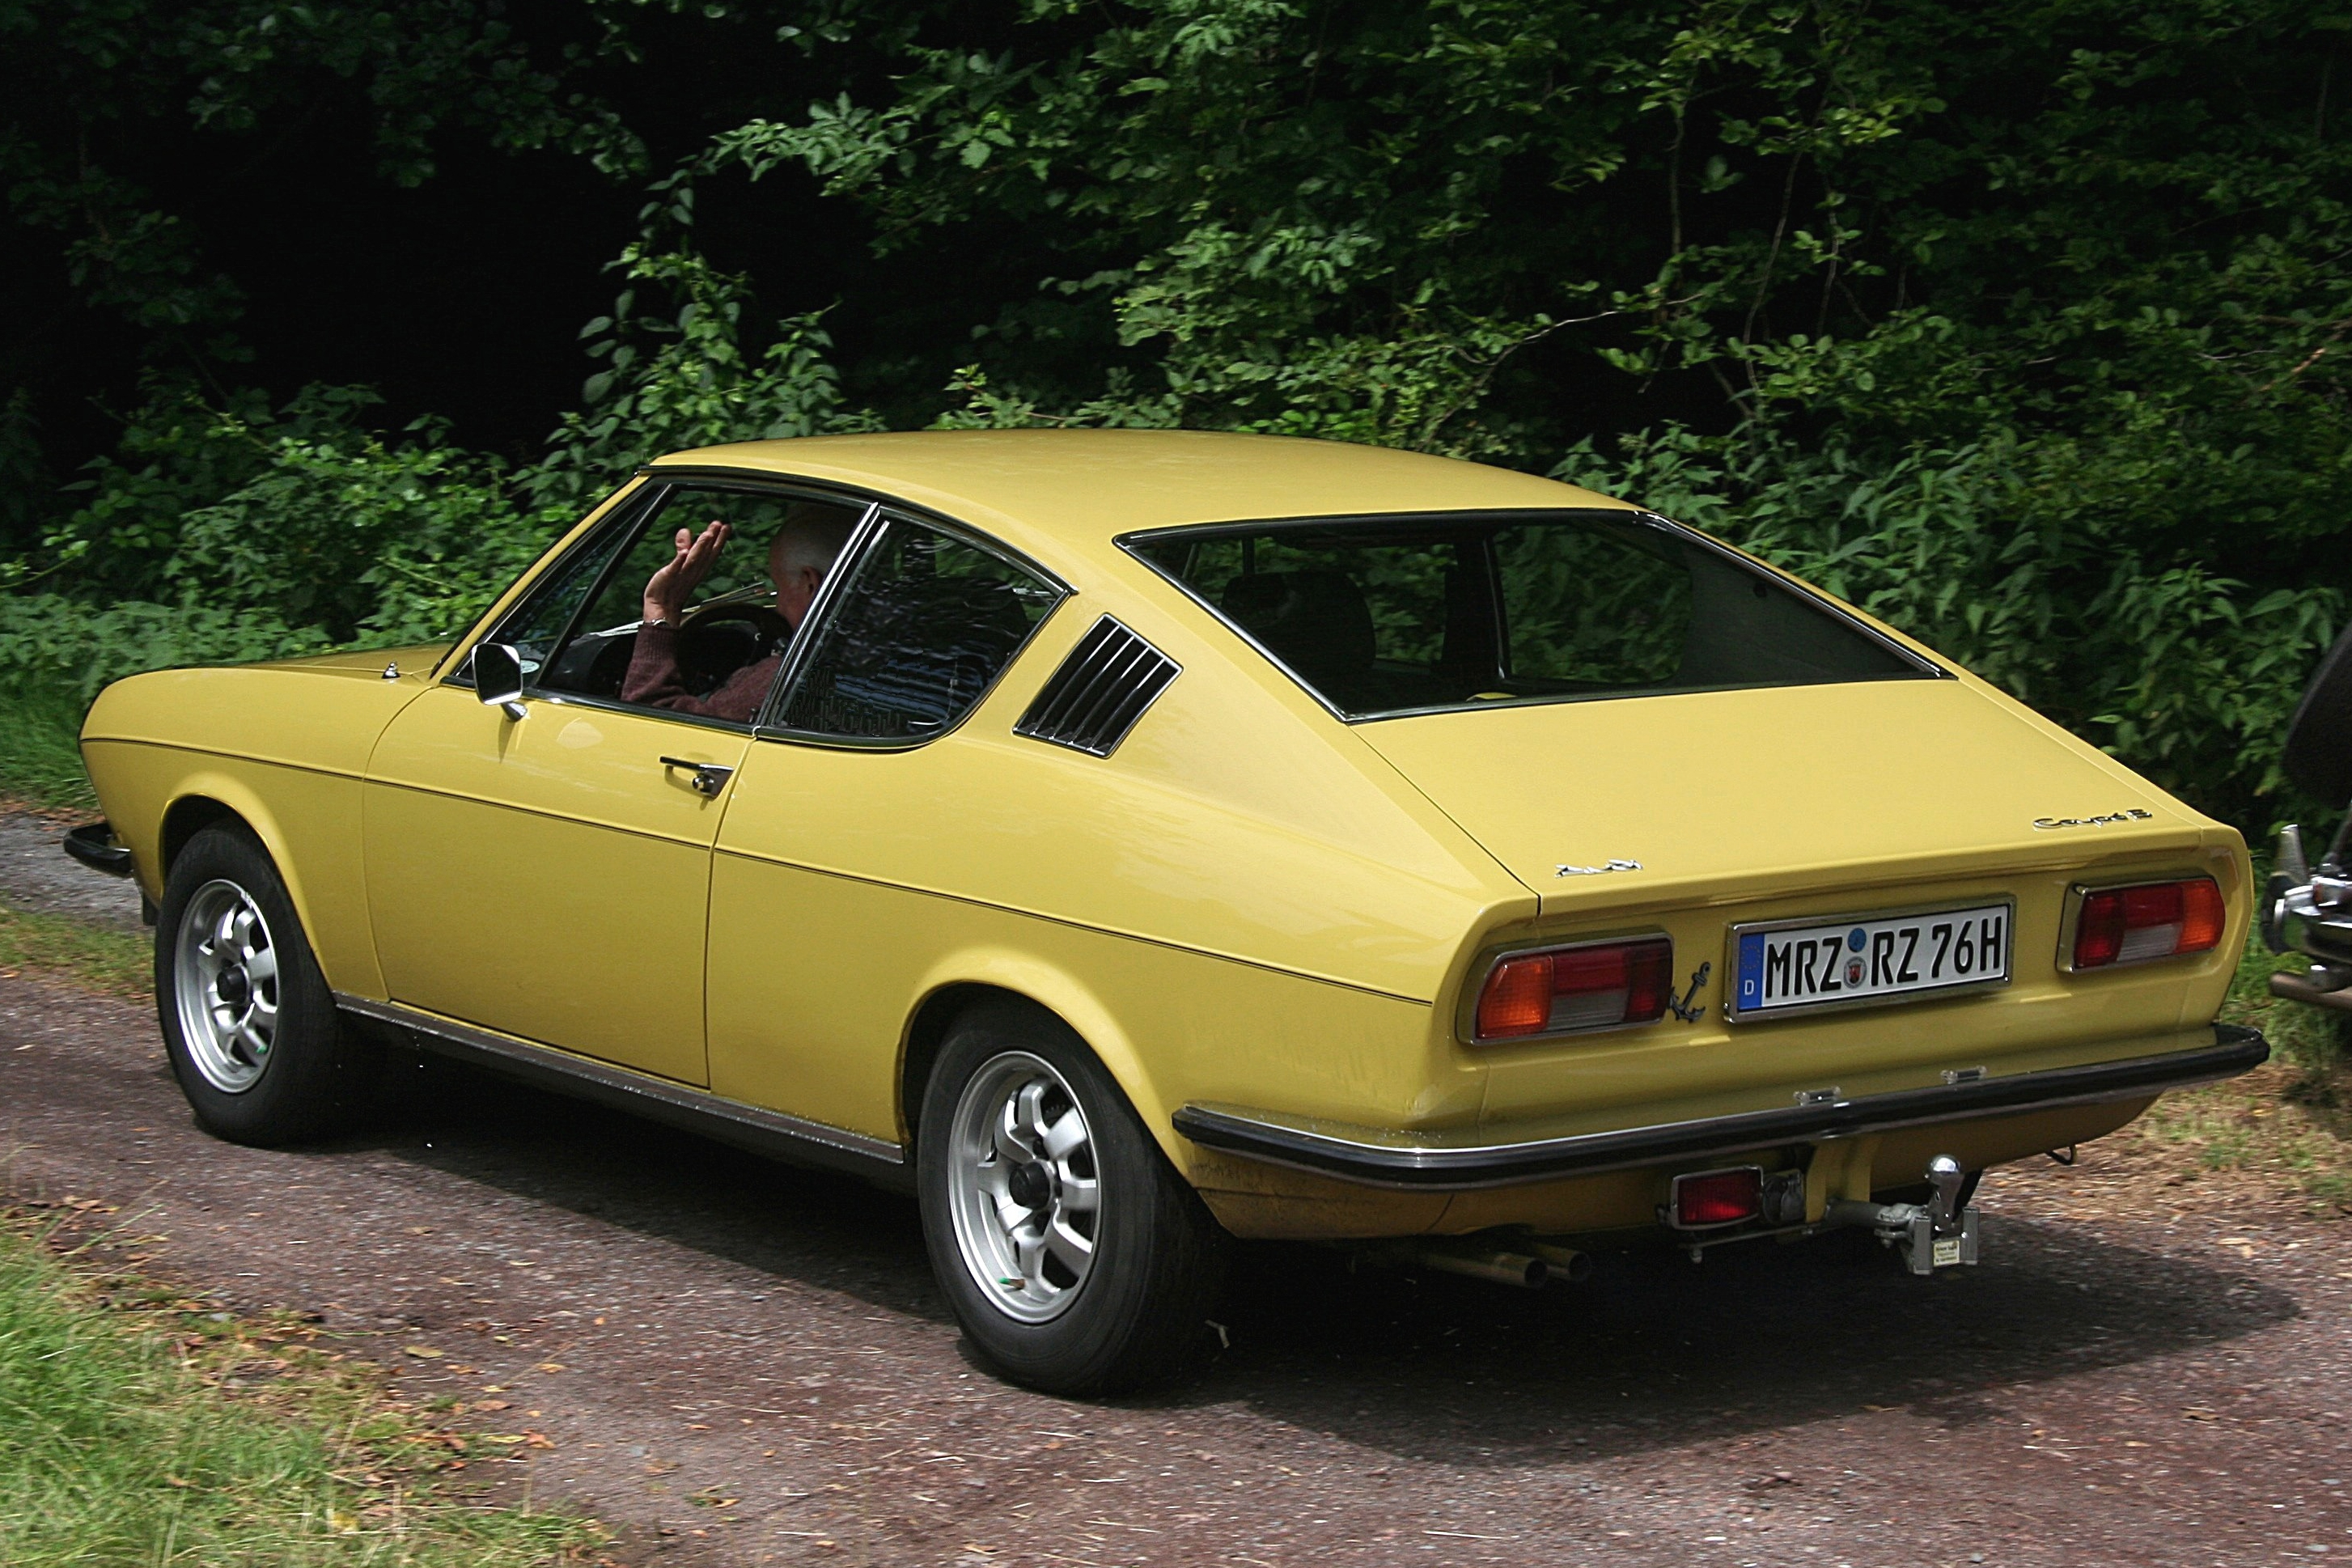 Stan S Car Repair Bremen In